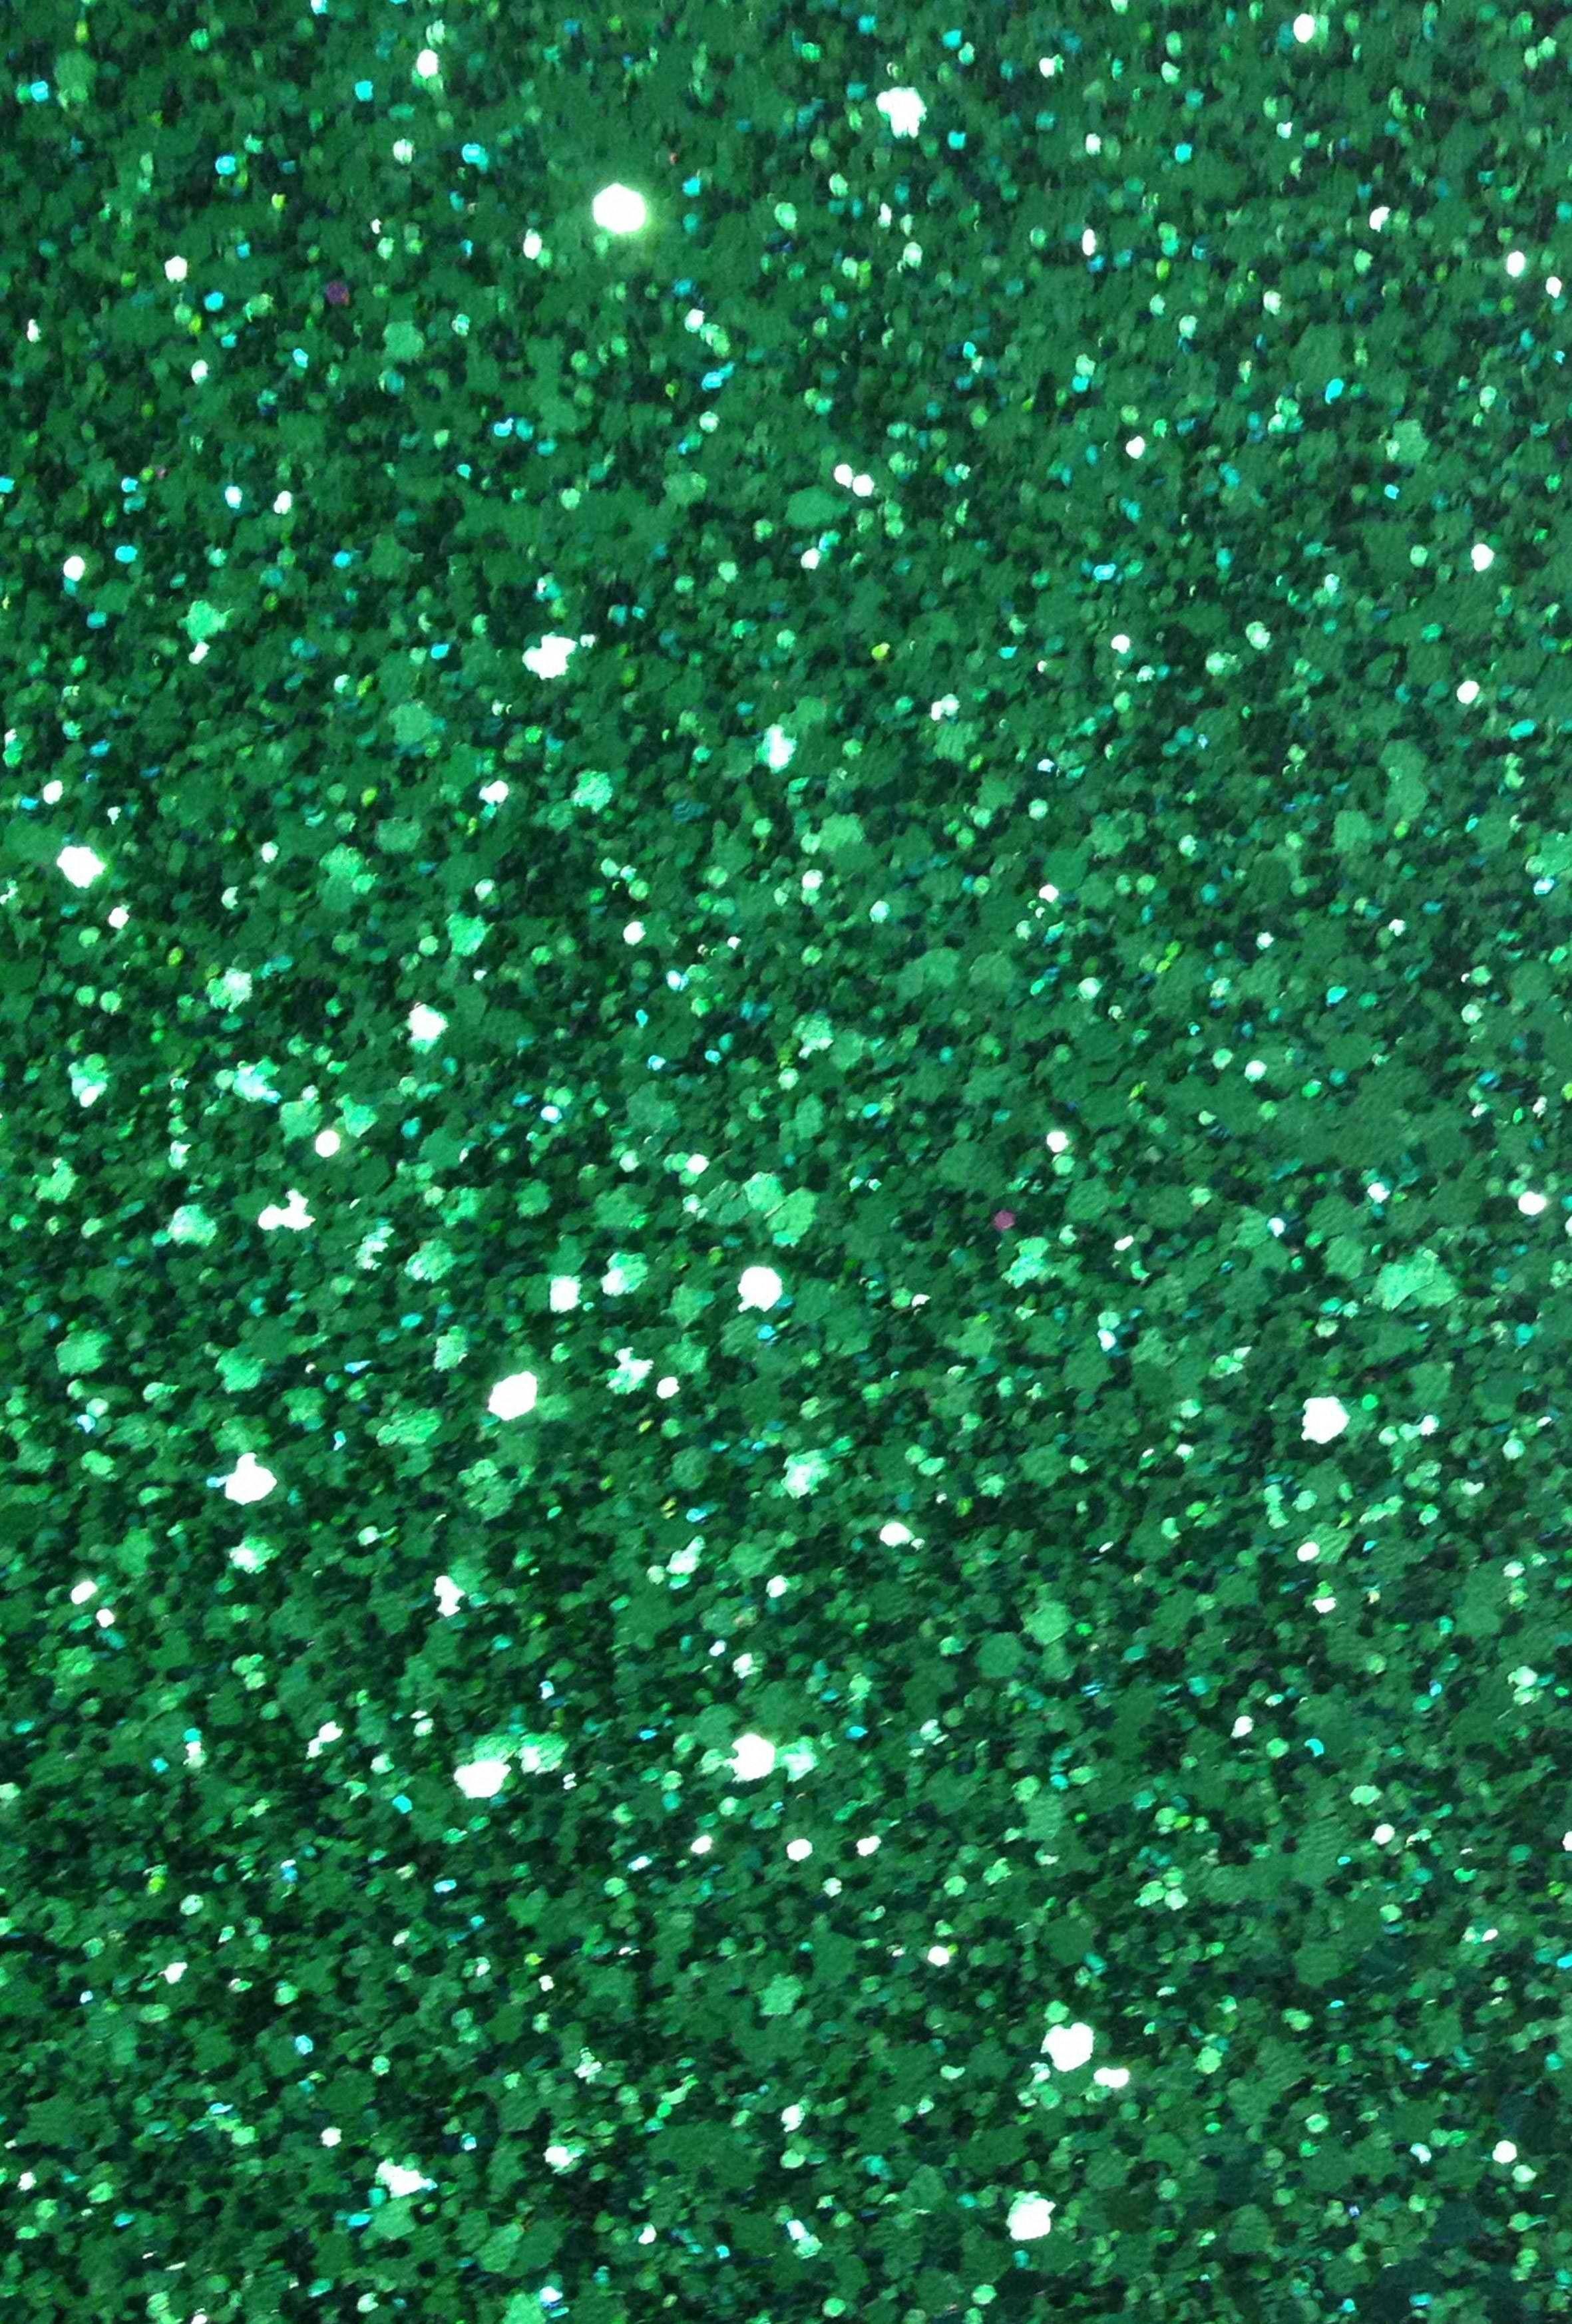 Green Glitter Glitterpattern In 2019 Green Wallpaper